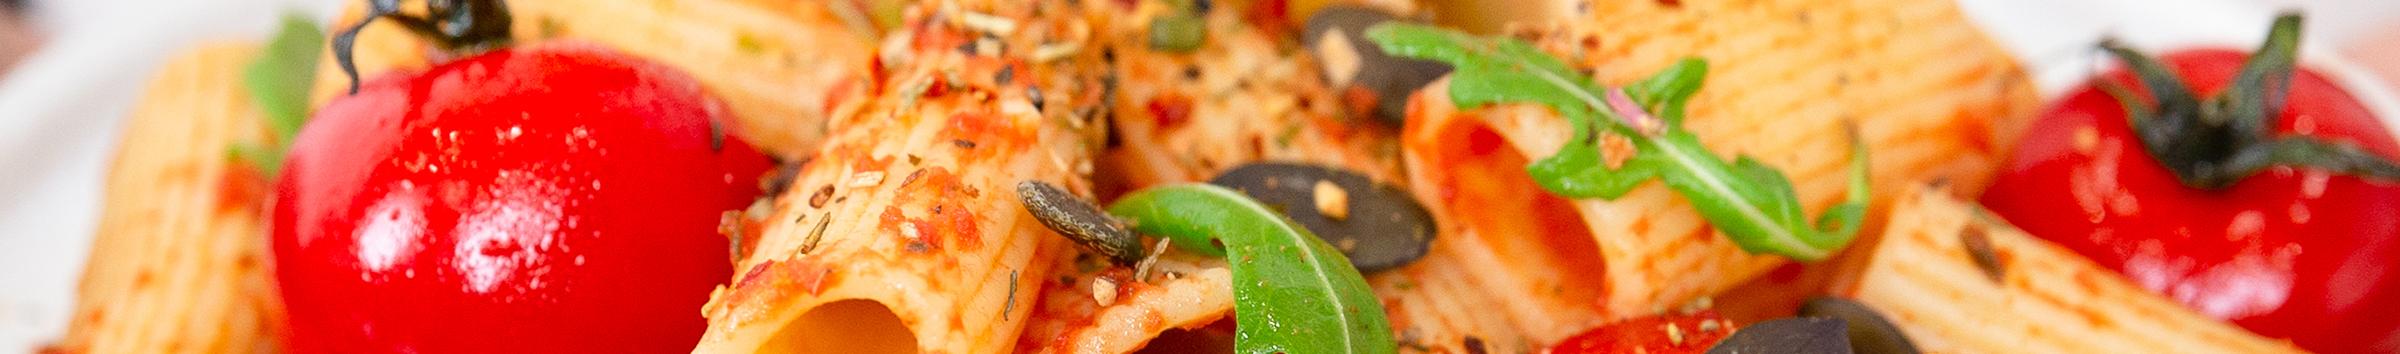 Cookathome Veggie Wochenplan+Einkaufsliste